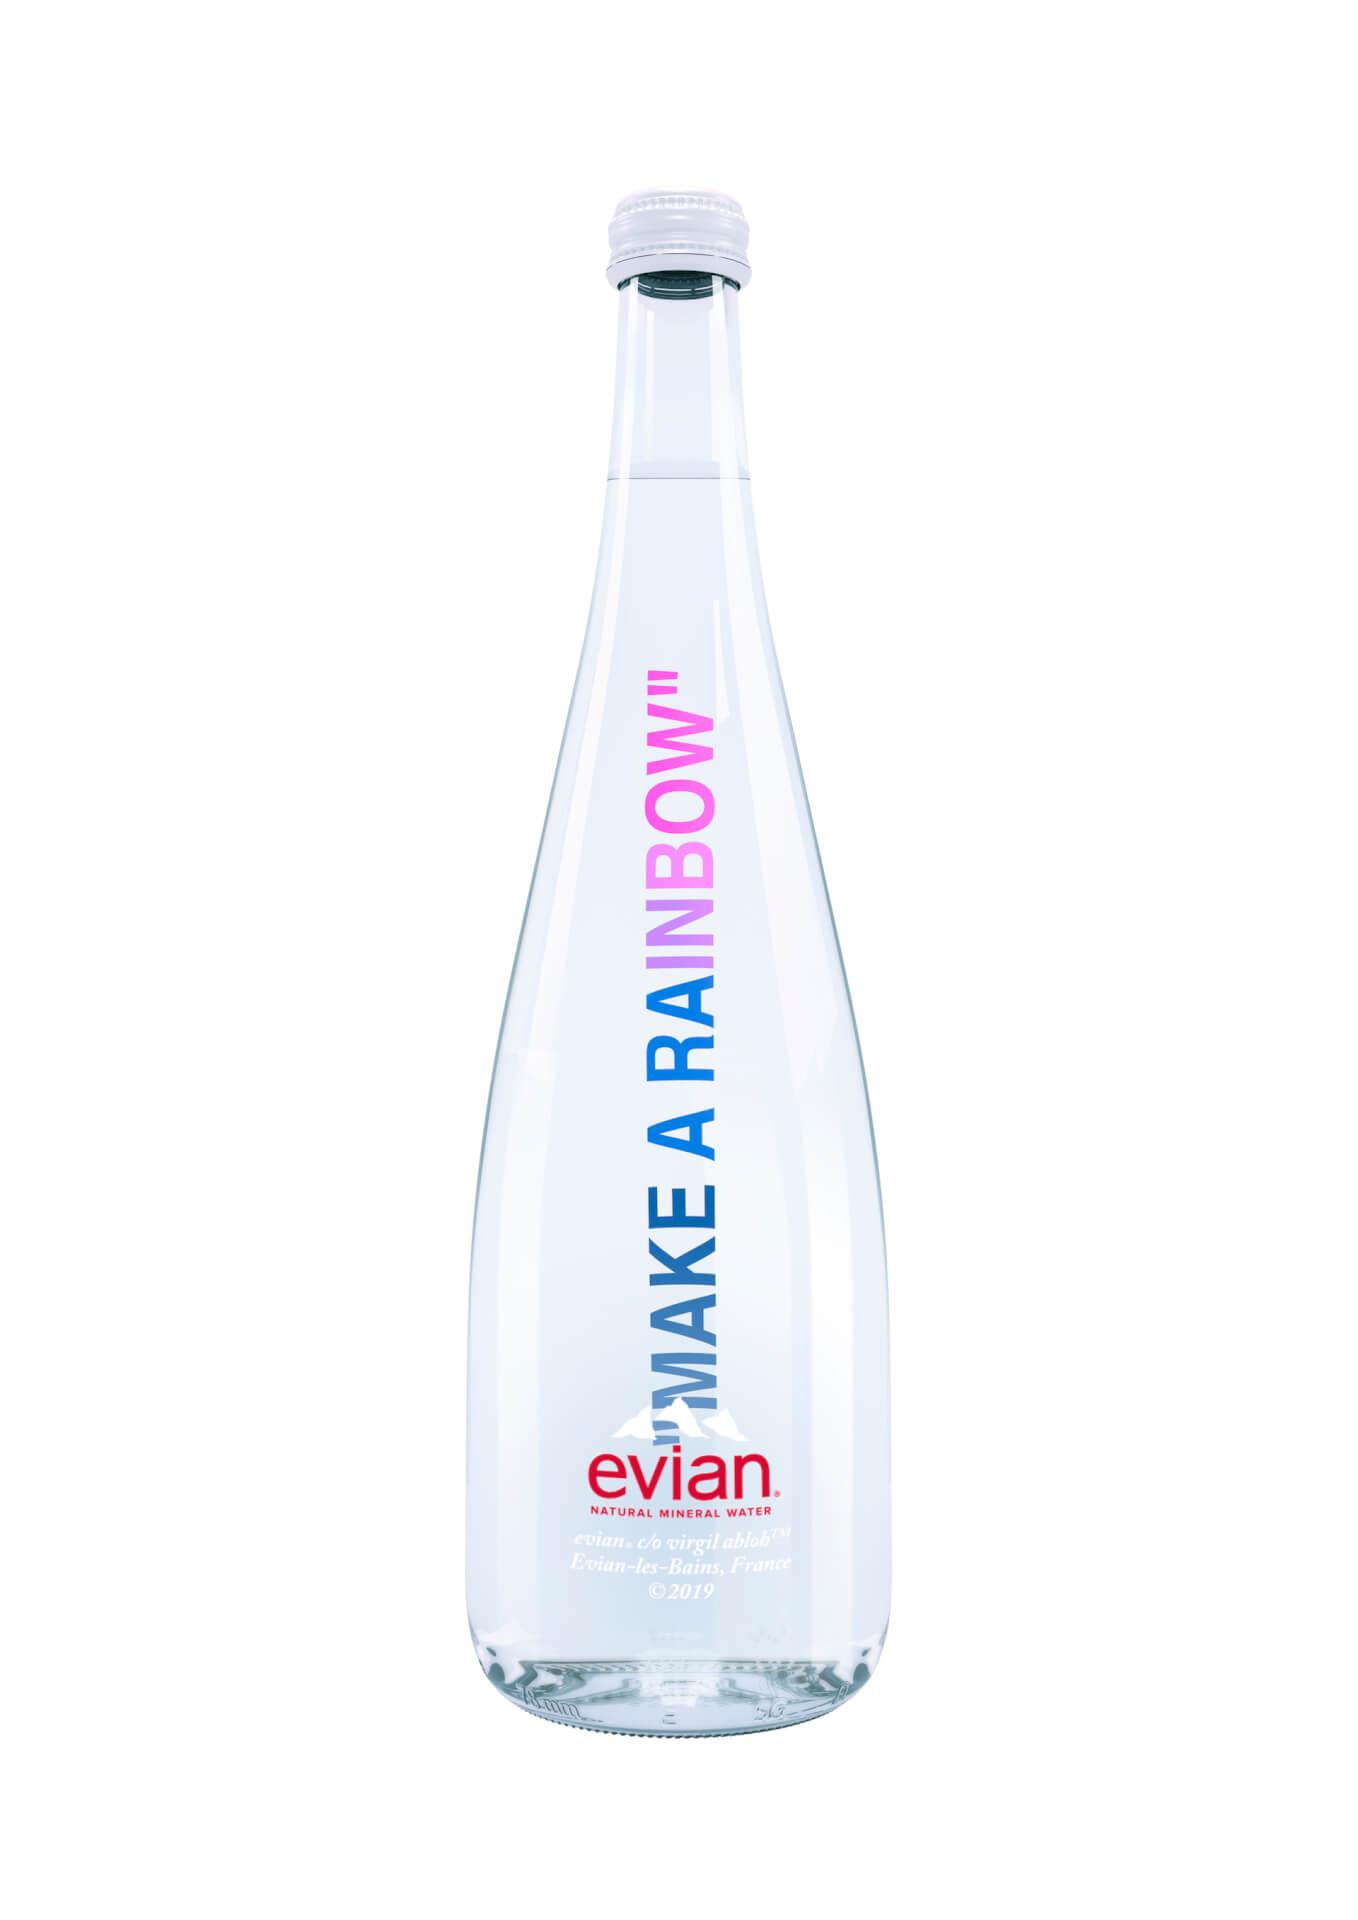 世界的ファッションデザイナー、ヴァージル・アブローが手がけたエビアン®の限定スペシャルボックスが明日発売 gourmet200117_evian_virgil_7